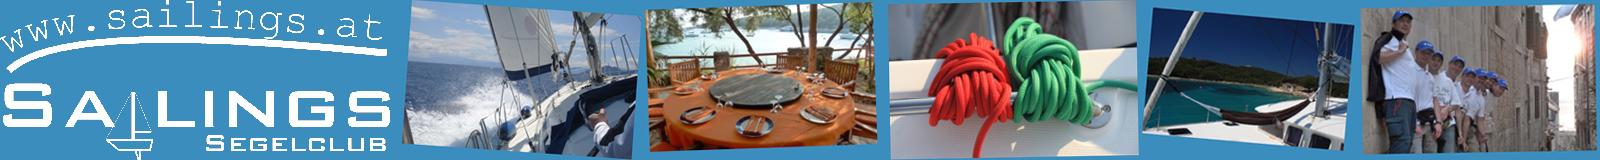 www.sailings.at